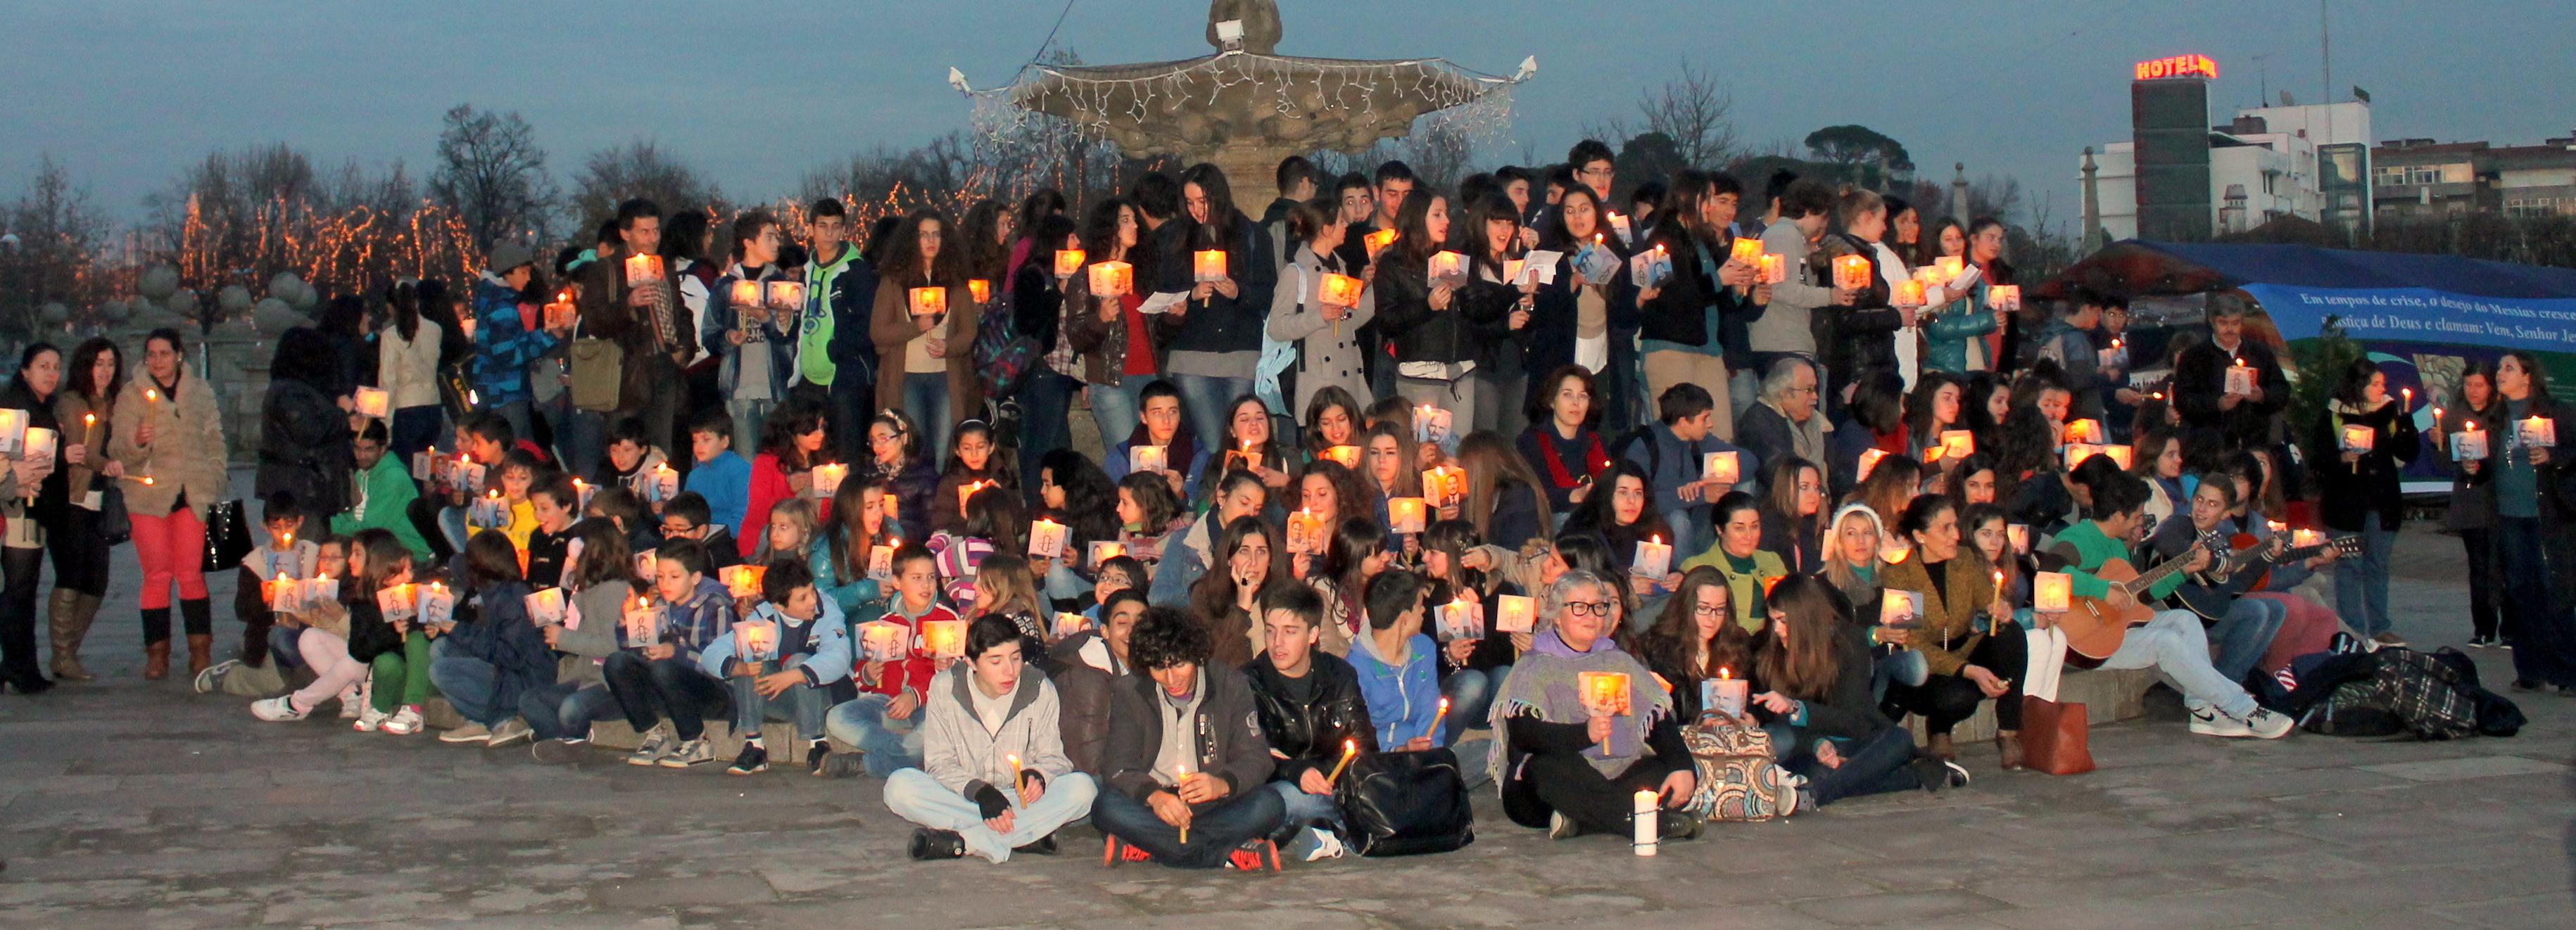 Barcelos assinalou Dia Internacional dos Direitos Humanos